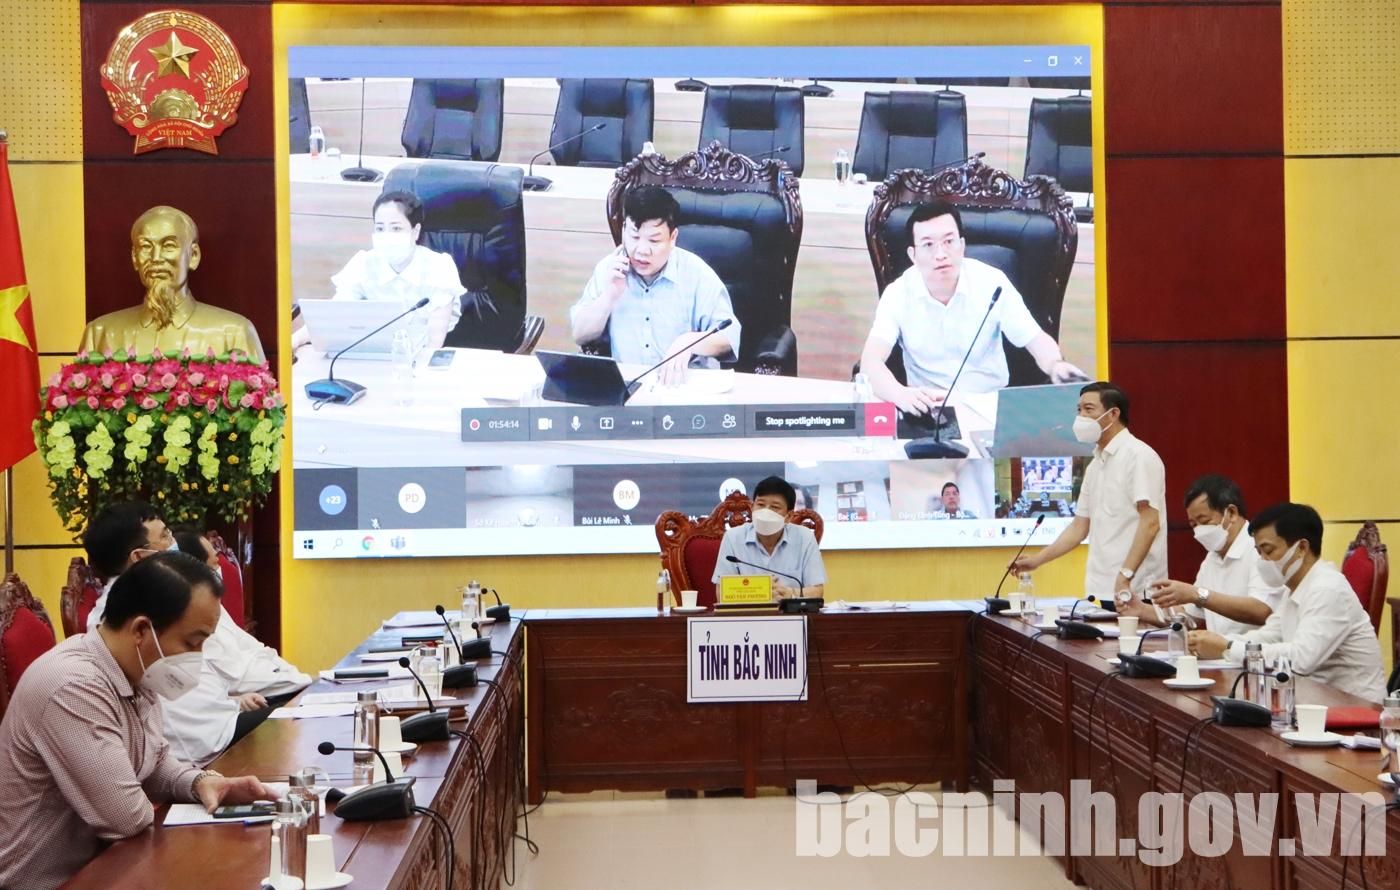 Hội nghị trực tuyến thẩm định Báo cáo nghiên cứu tiền khả thi dự án đường Vành đai 4 - Vùng Thủ đô